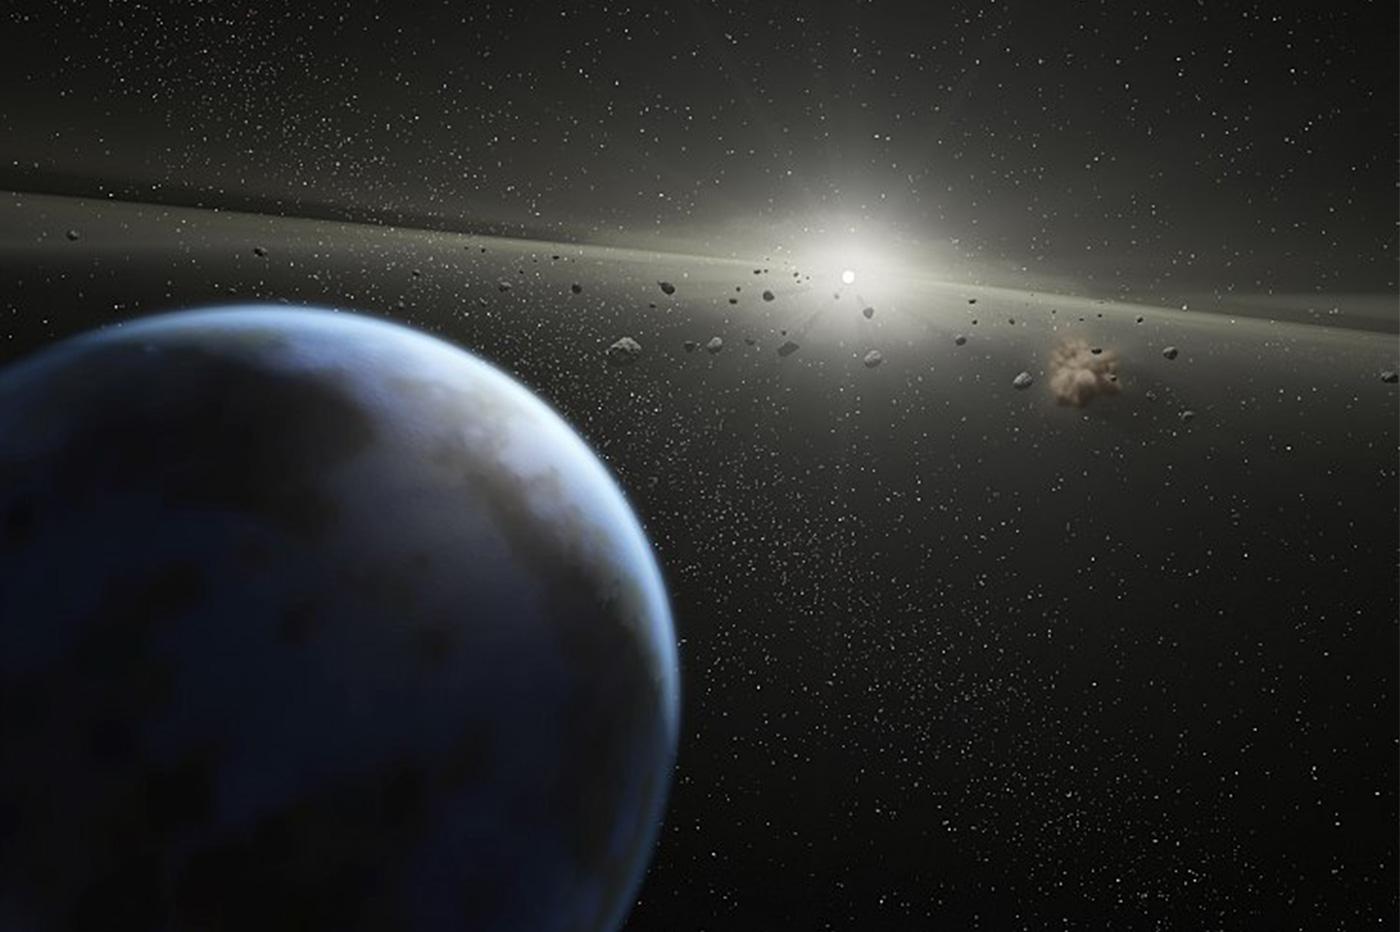 Rencontrer des extra-terrestres pourrait être plus difficile que prévu